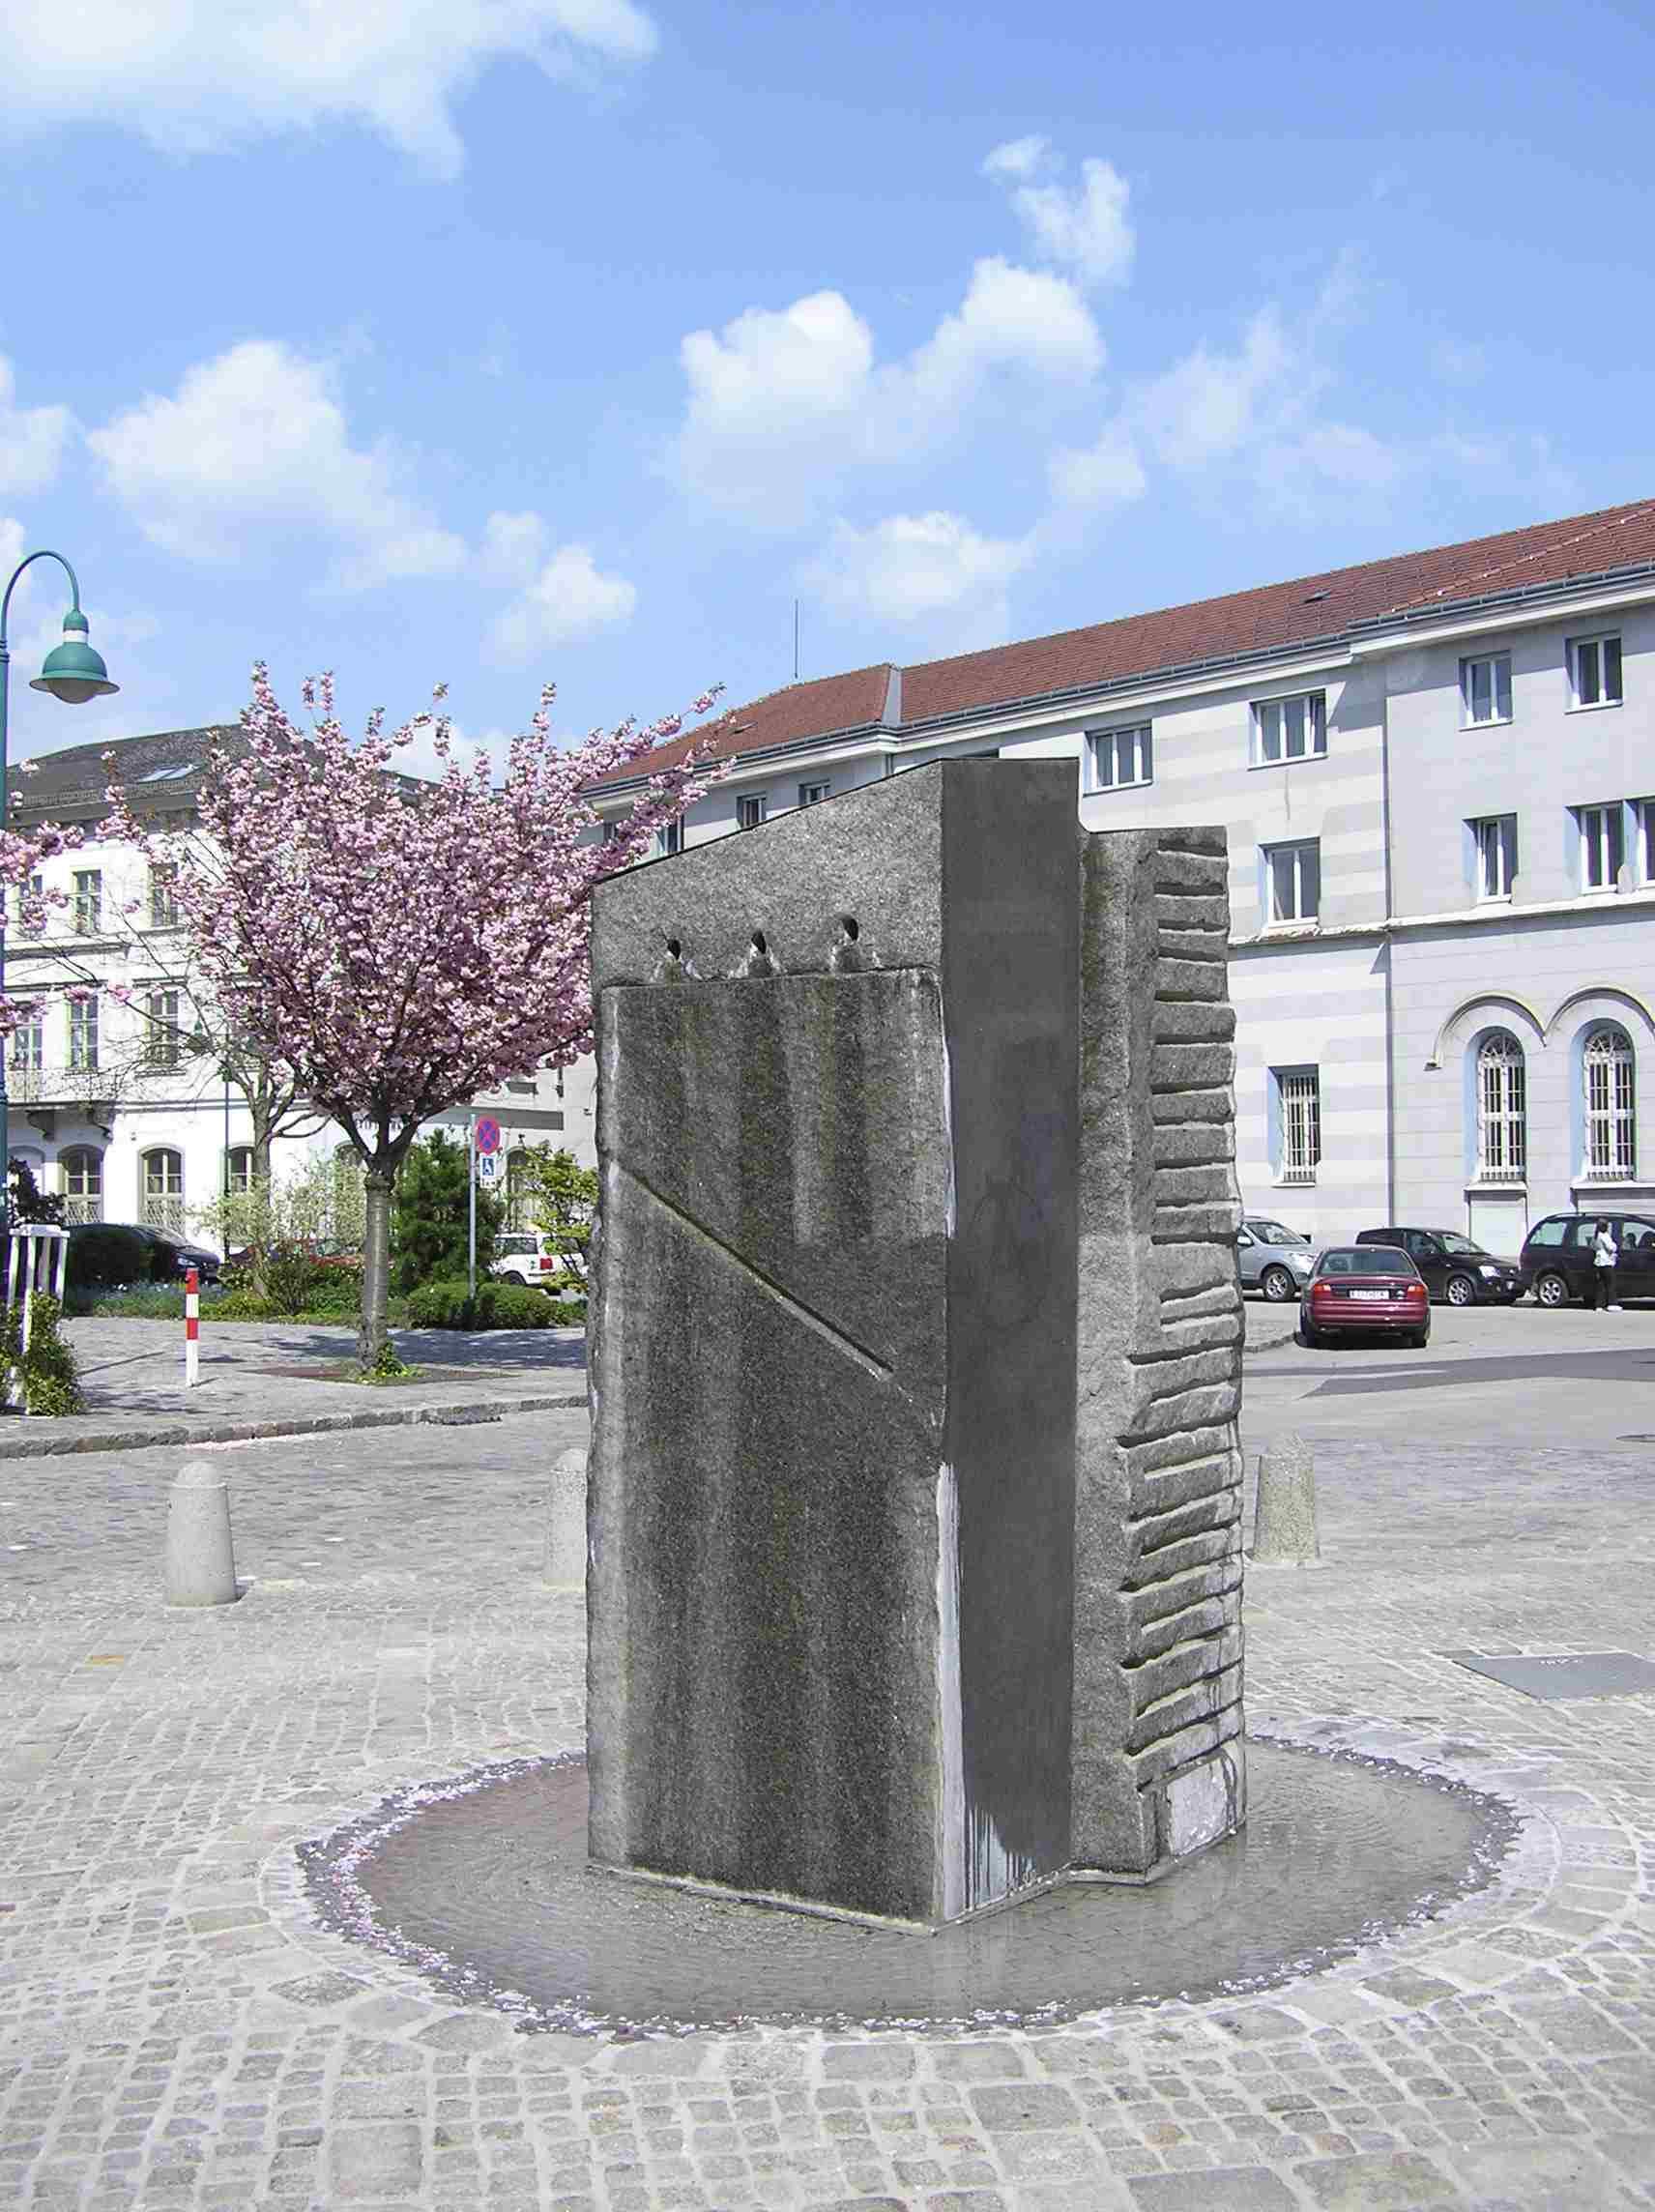 Obr. 10: Stifterovo náměstí s pomníkem z žuly - motiv žuly se vyskytuje v několika jeho prózách.